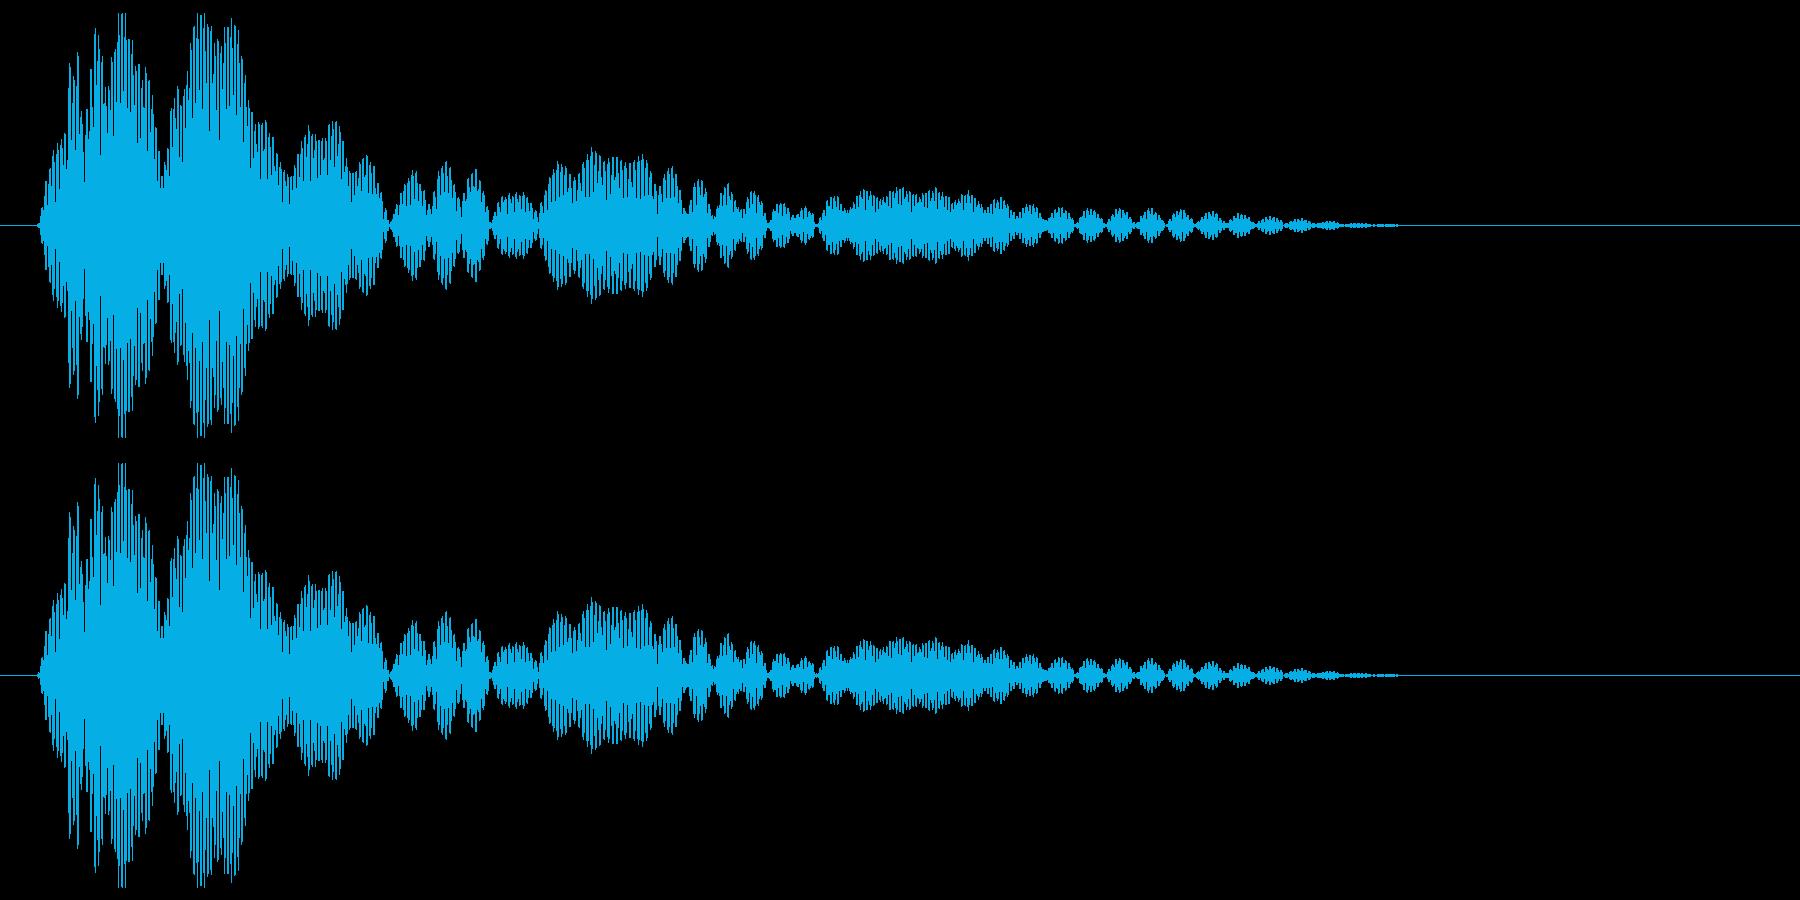 ポワーンという柔らかい効果音の再生済みの波形